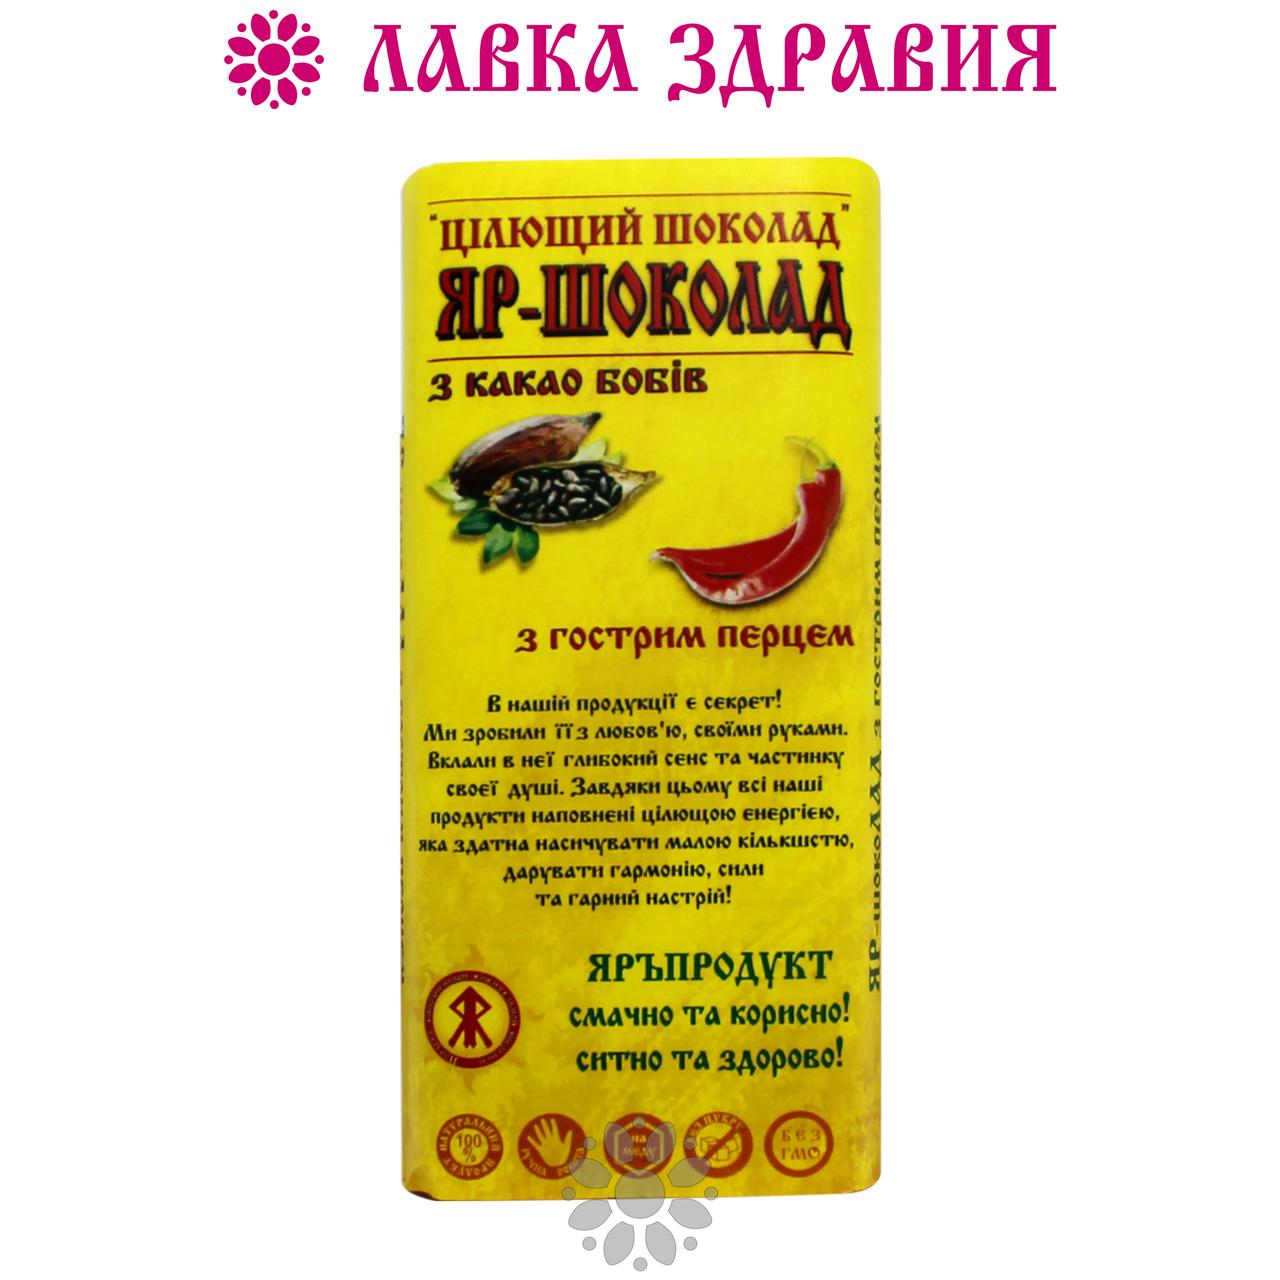 Яръ-шоколад с острым перцем, 100 г